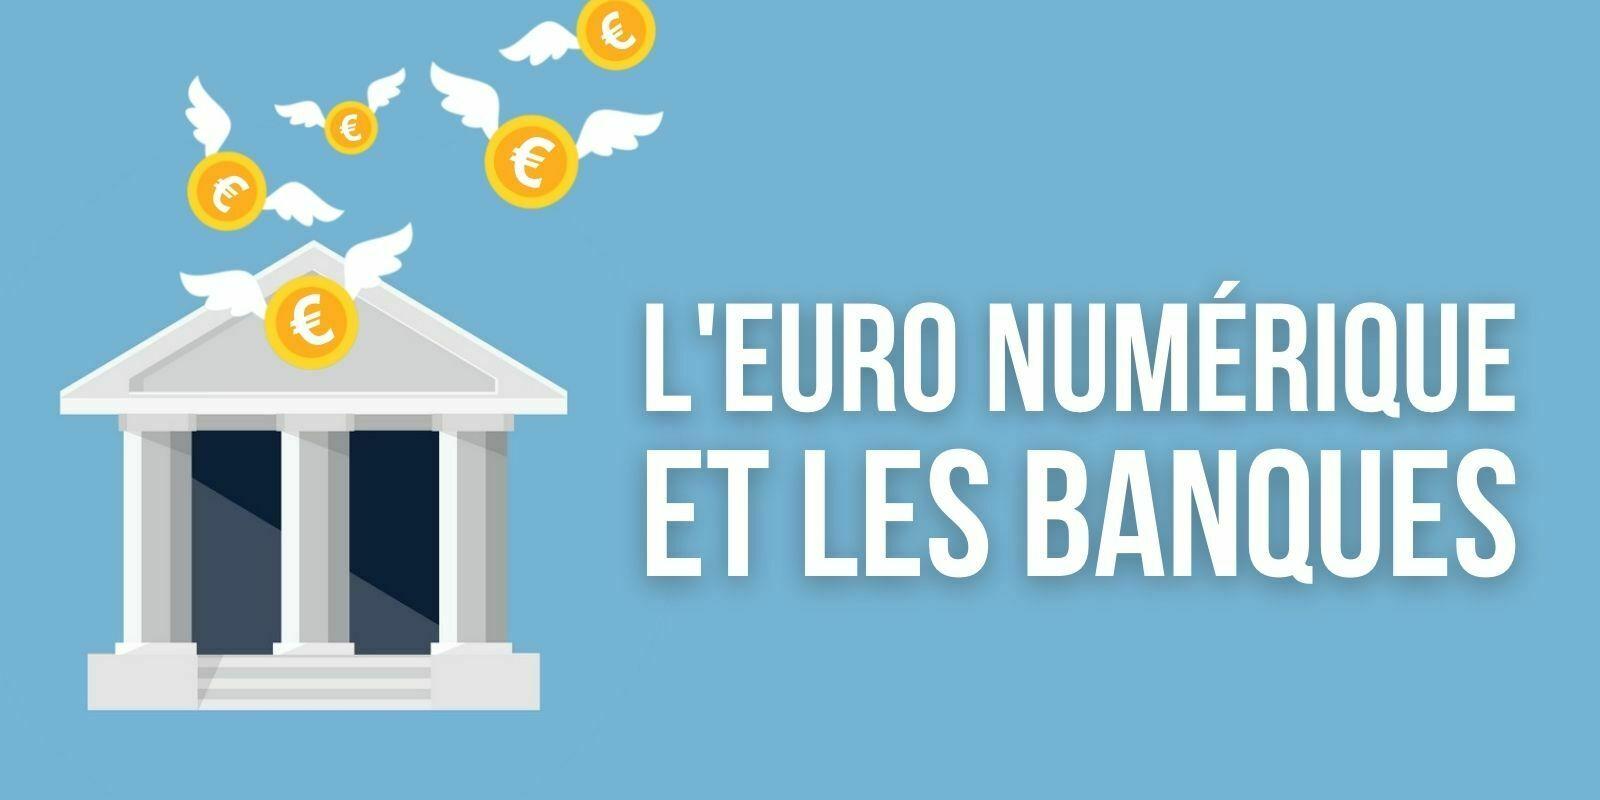 Selon Morgan Stanley, l'euro numérique pourrait drainer 8% des euros conservés par les banques